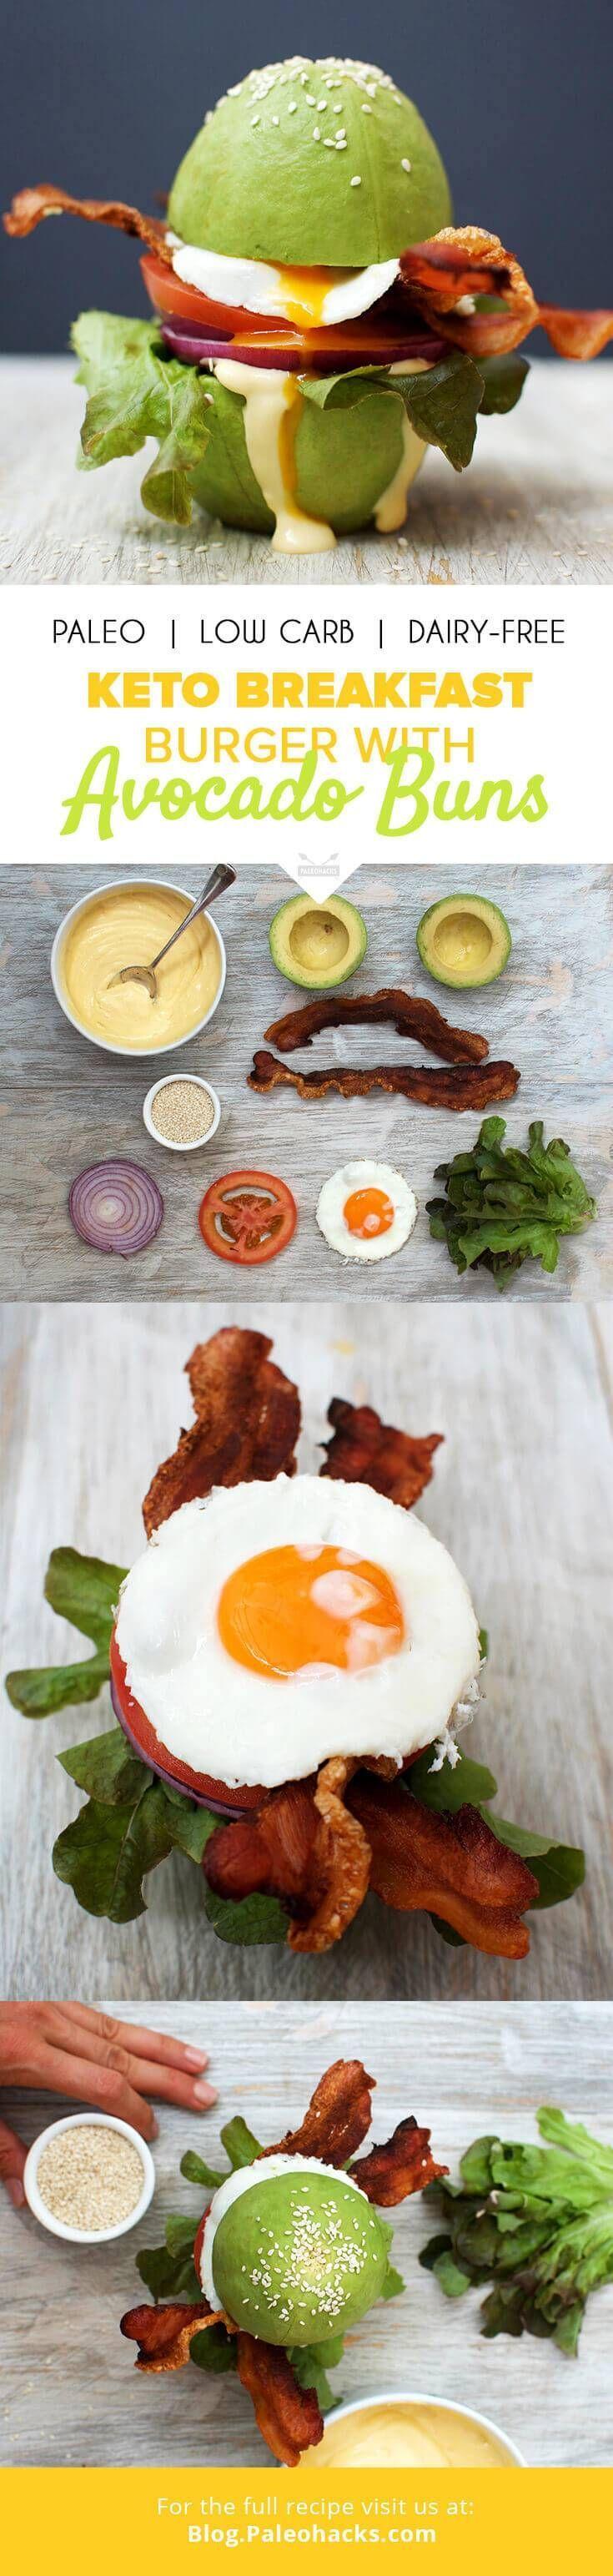 Best 20+ Omega 3 foods ideas on Pinterest